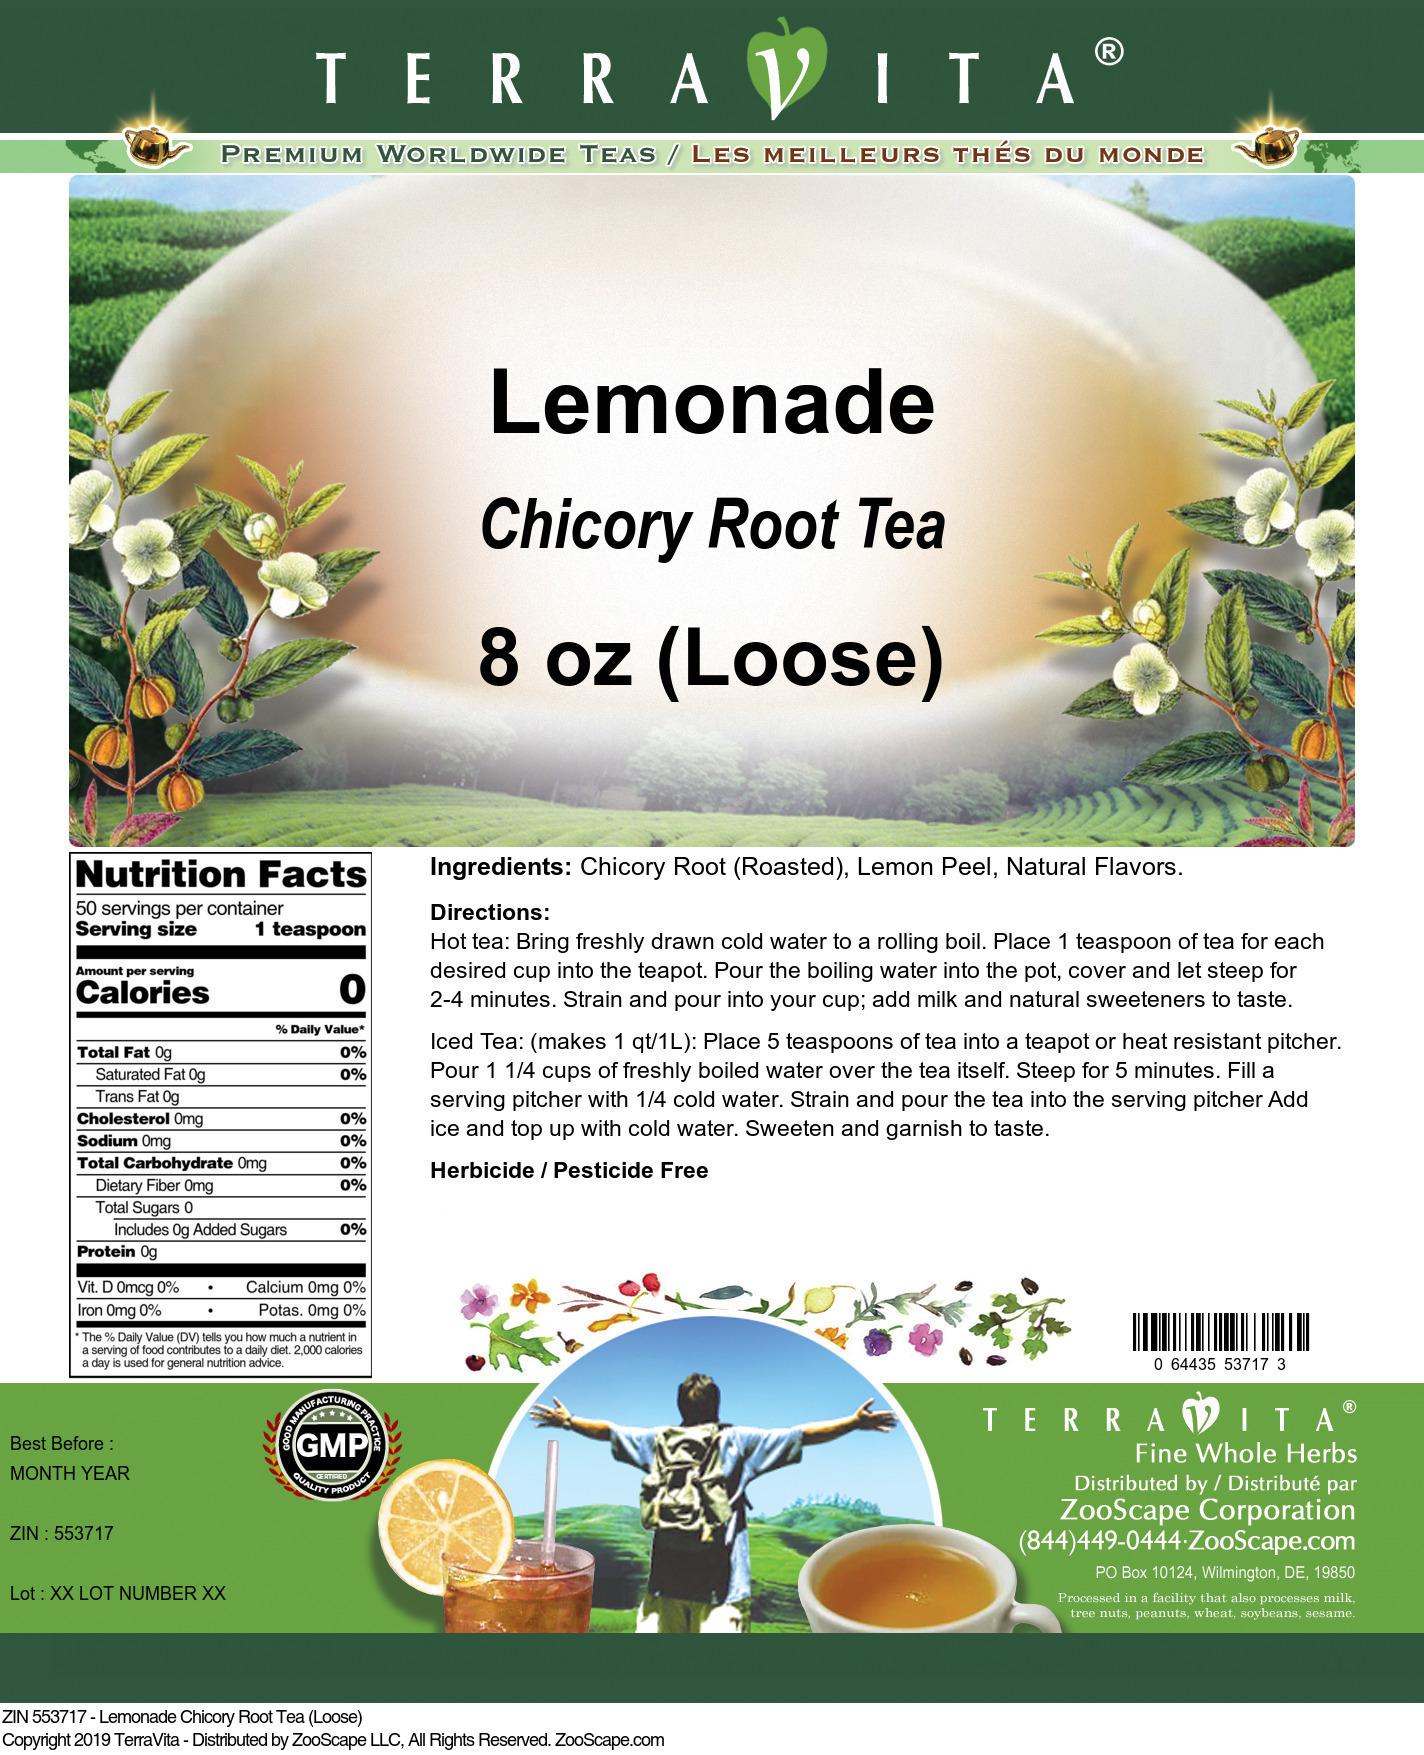 Lemonade Chicory Root